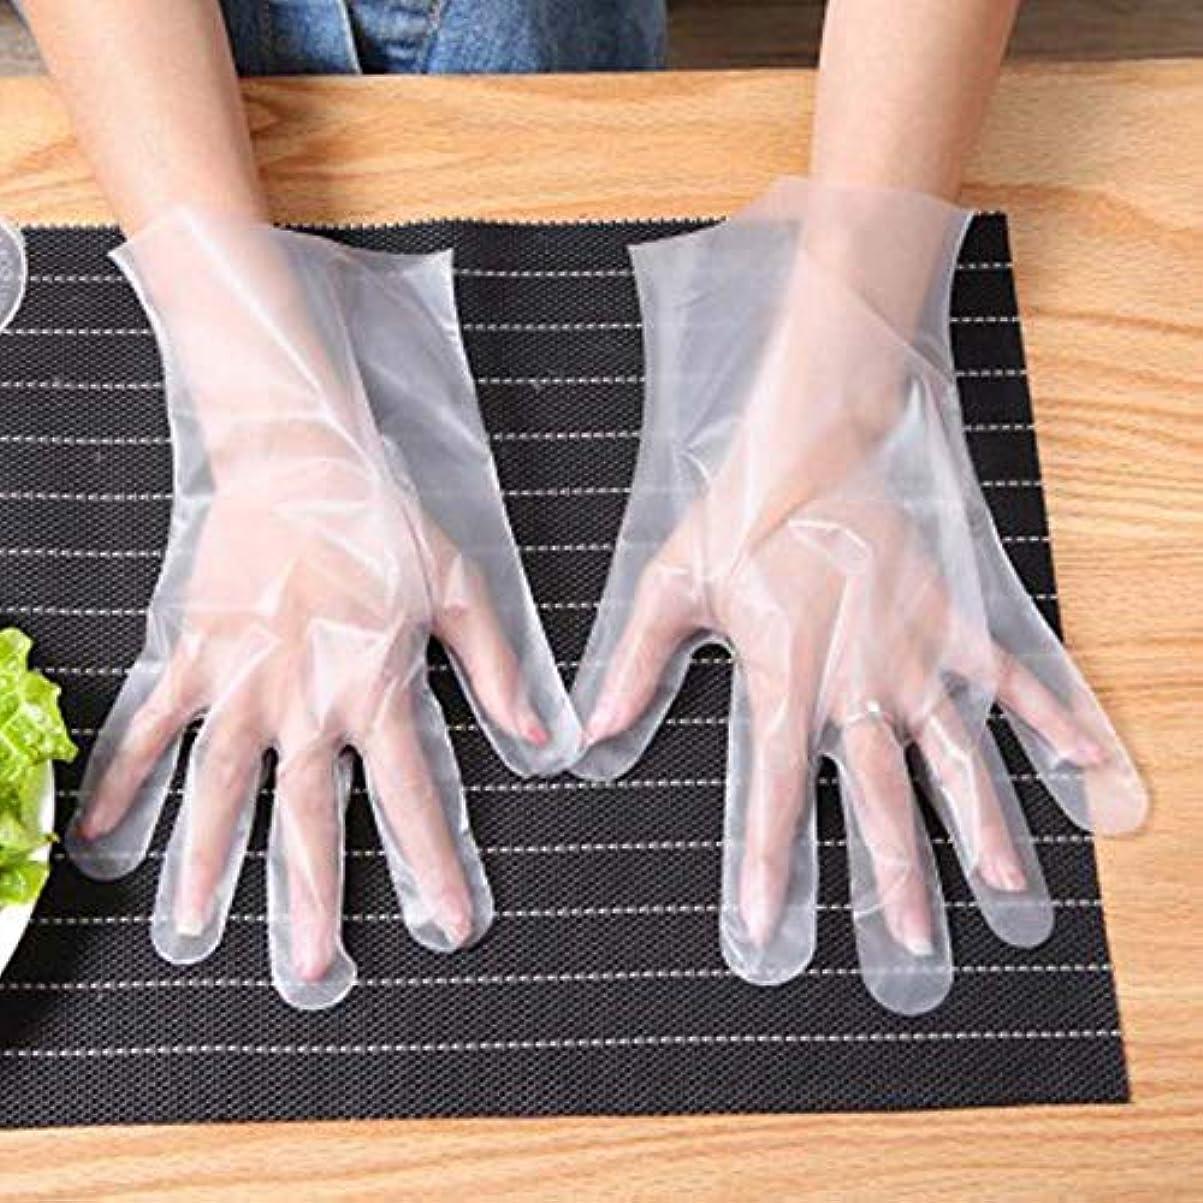 イーウェルなんとなく禁止使い捨て手袋 世帯 食べ物 ケータリングキッチン 厚くする プラスチック透明 グローブ 個別にパッケージ化されたCPE 100 /箱